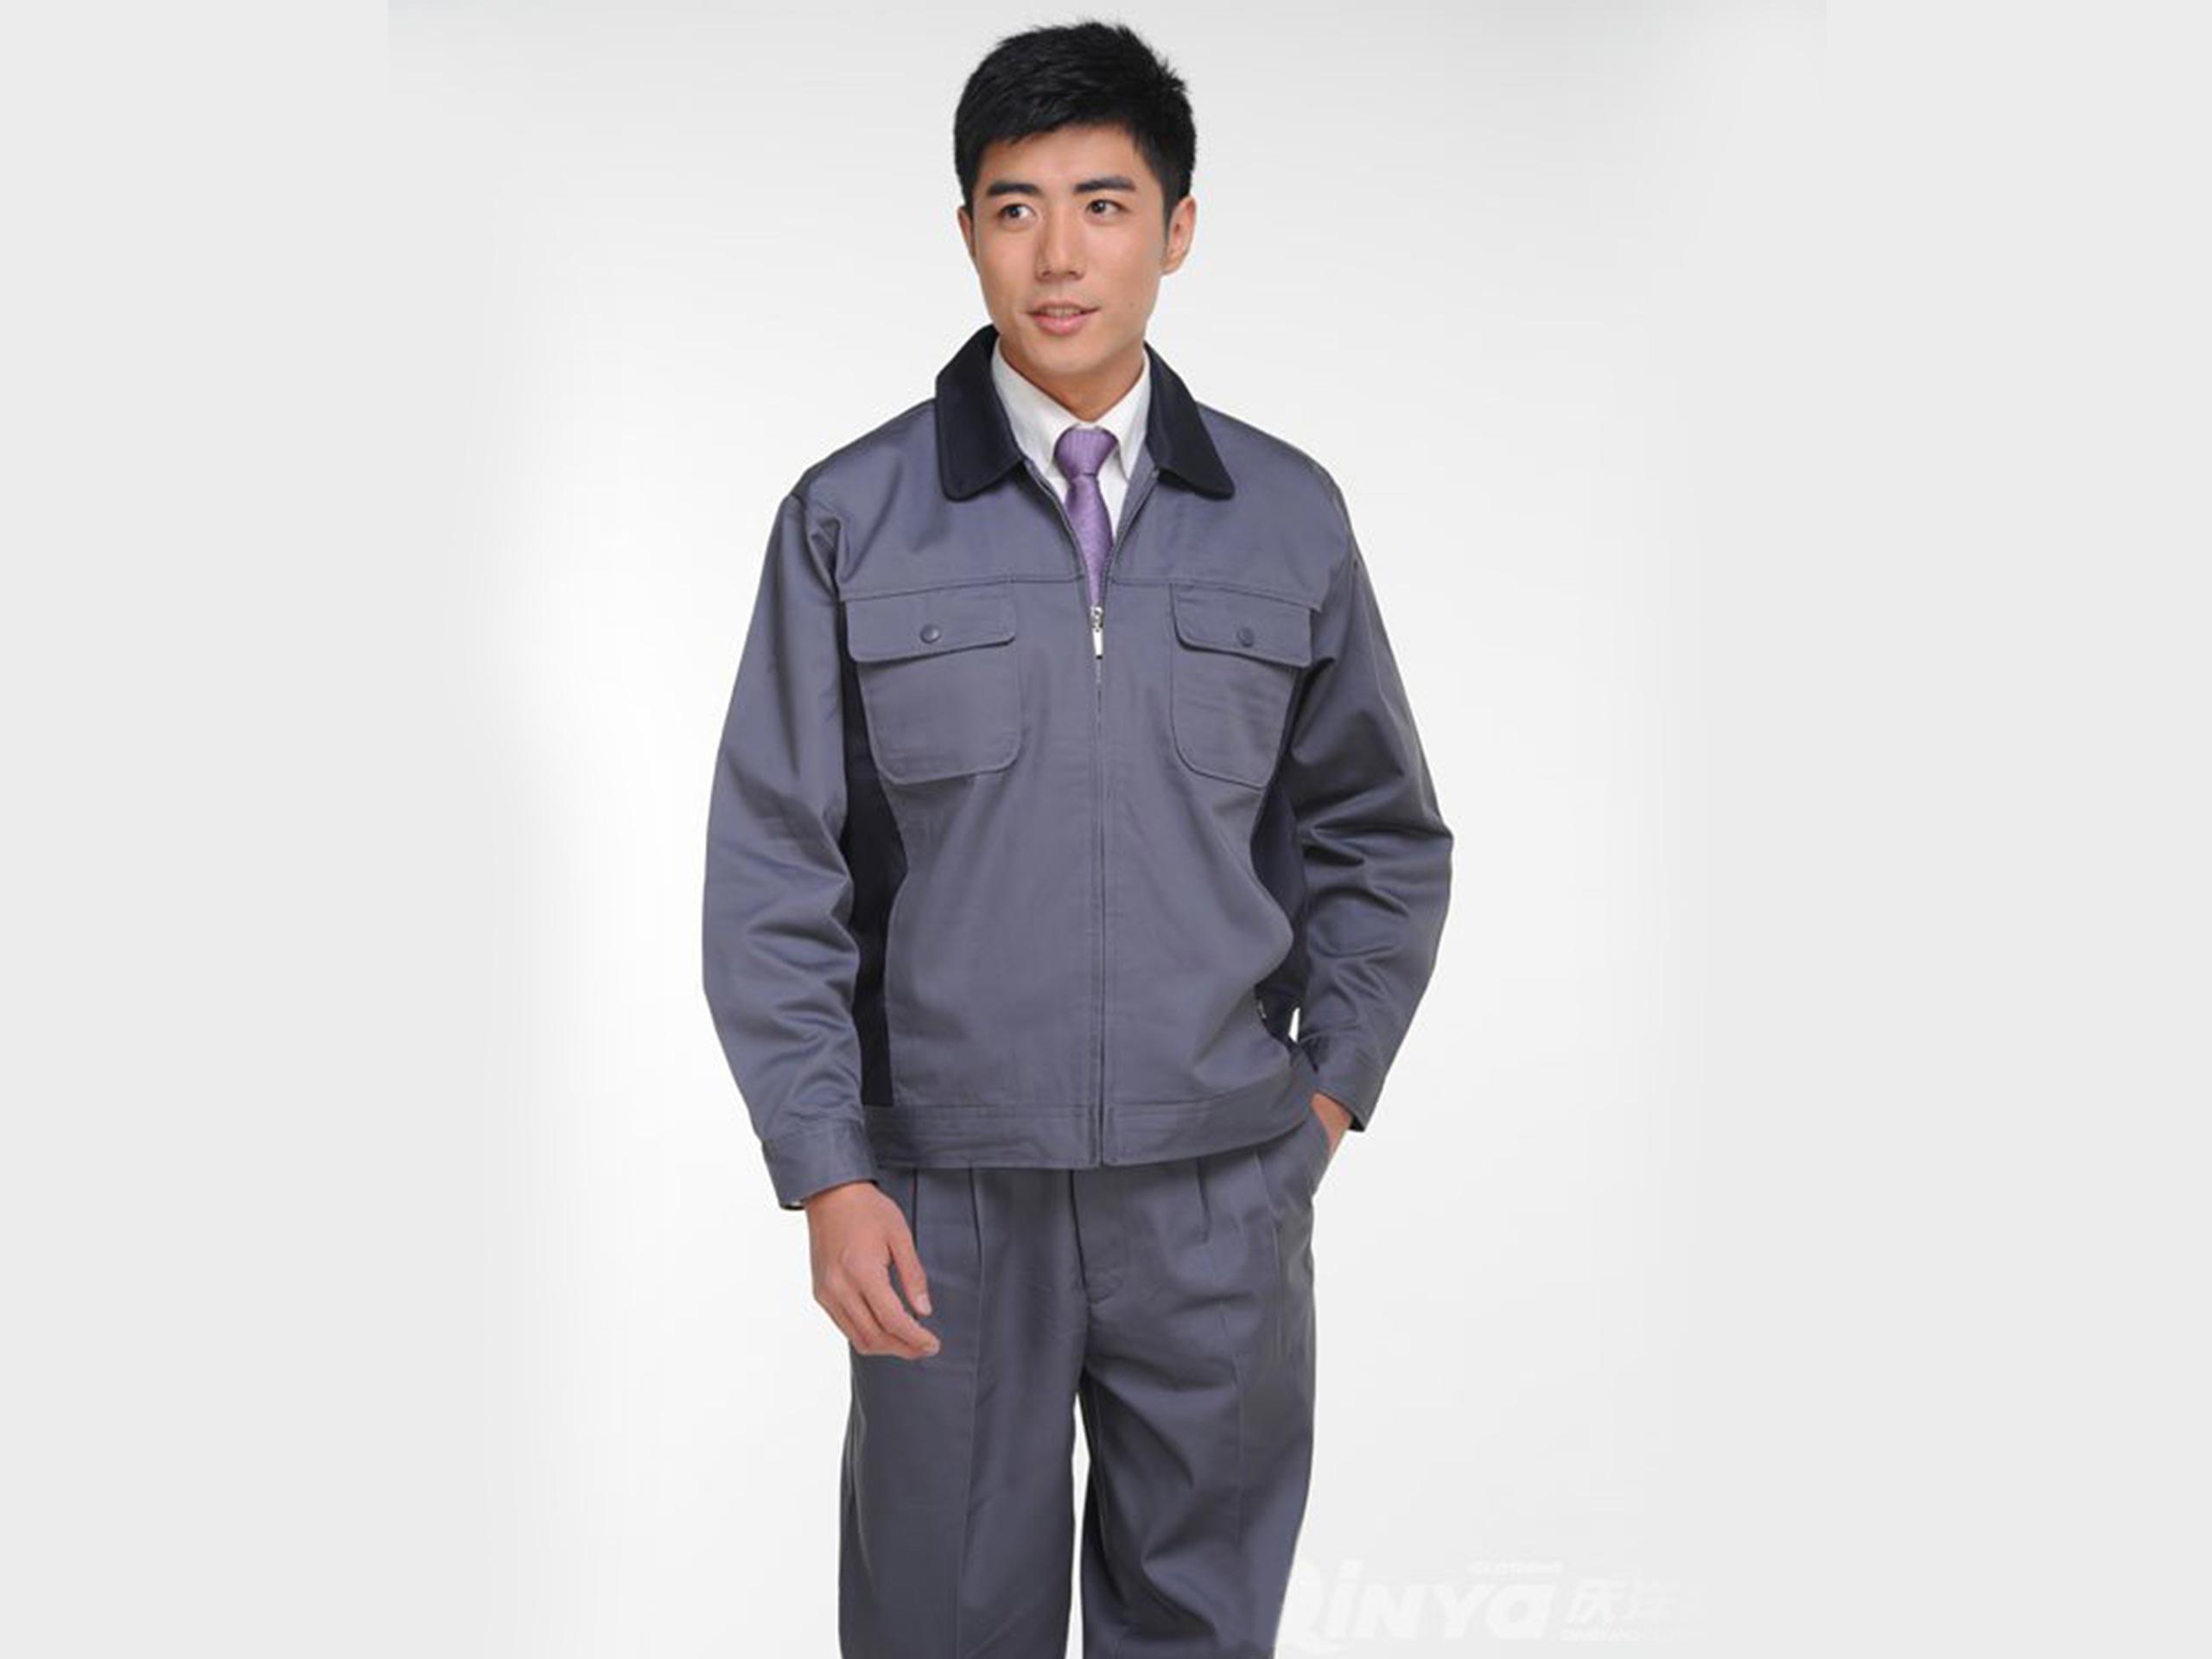 洛阳医疗服装-洛阳医疗服装定制-洛阳医疗服装生产厂家